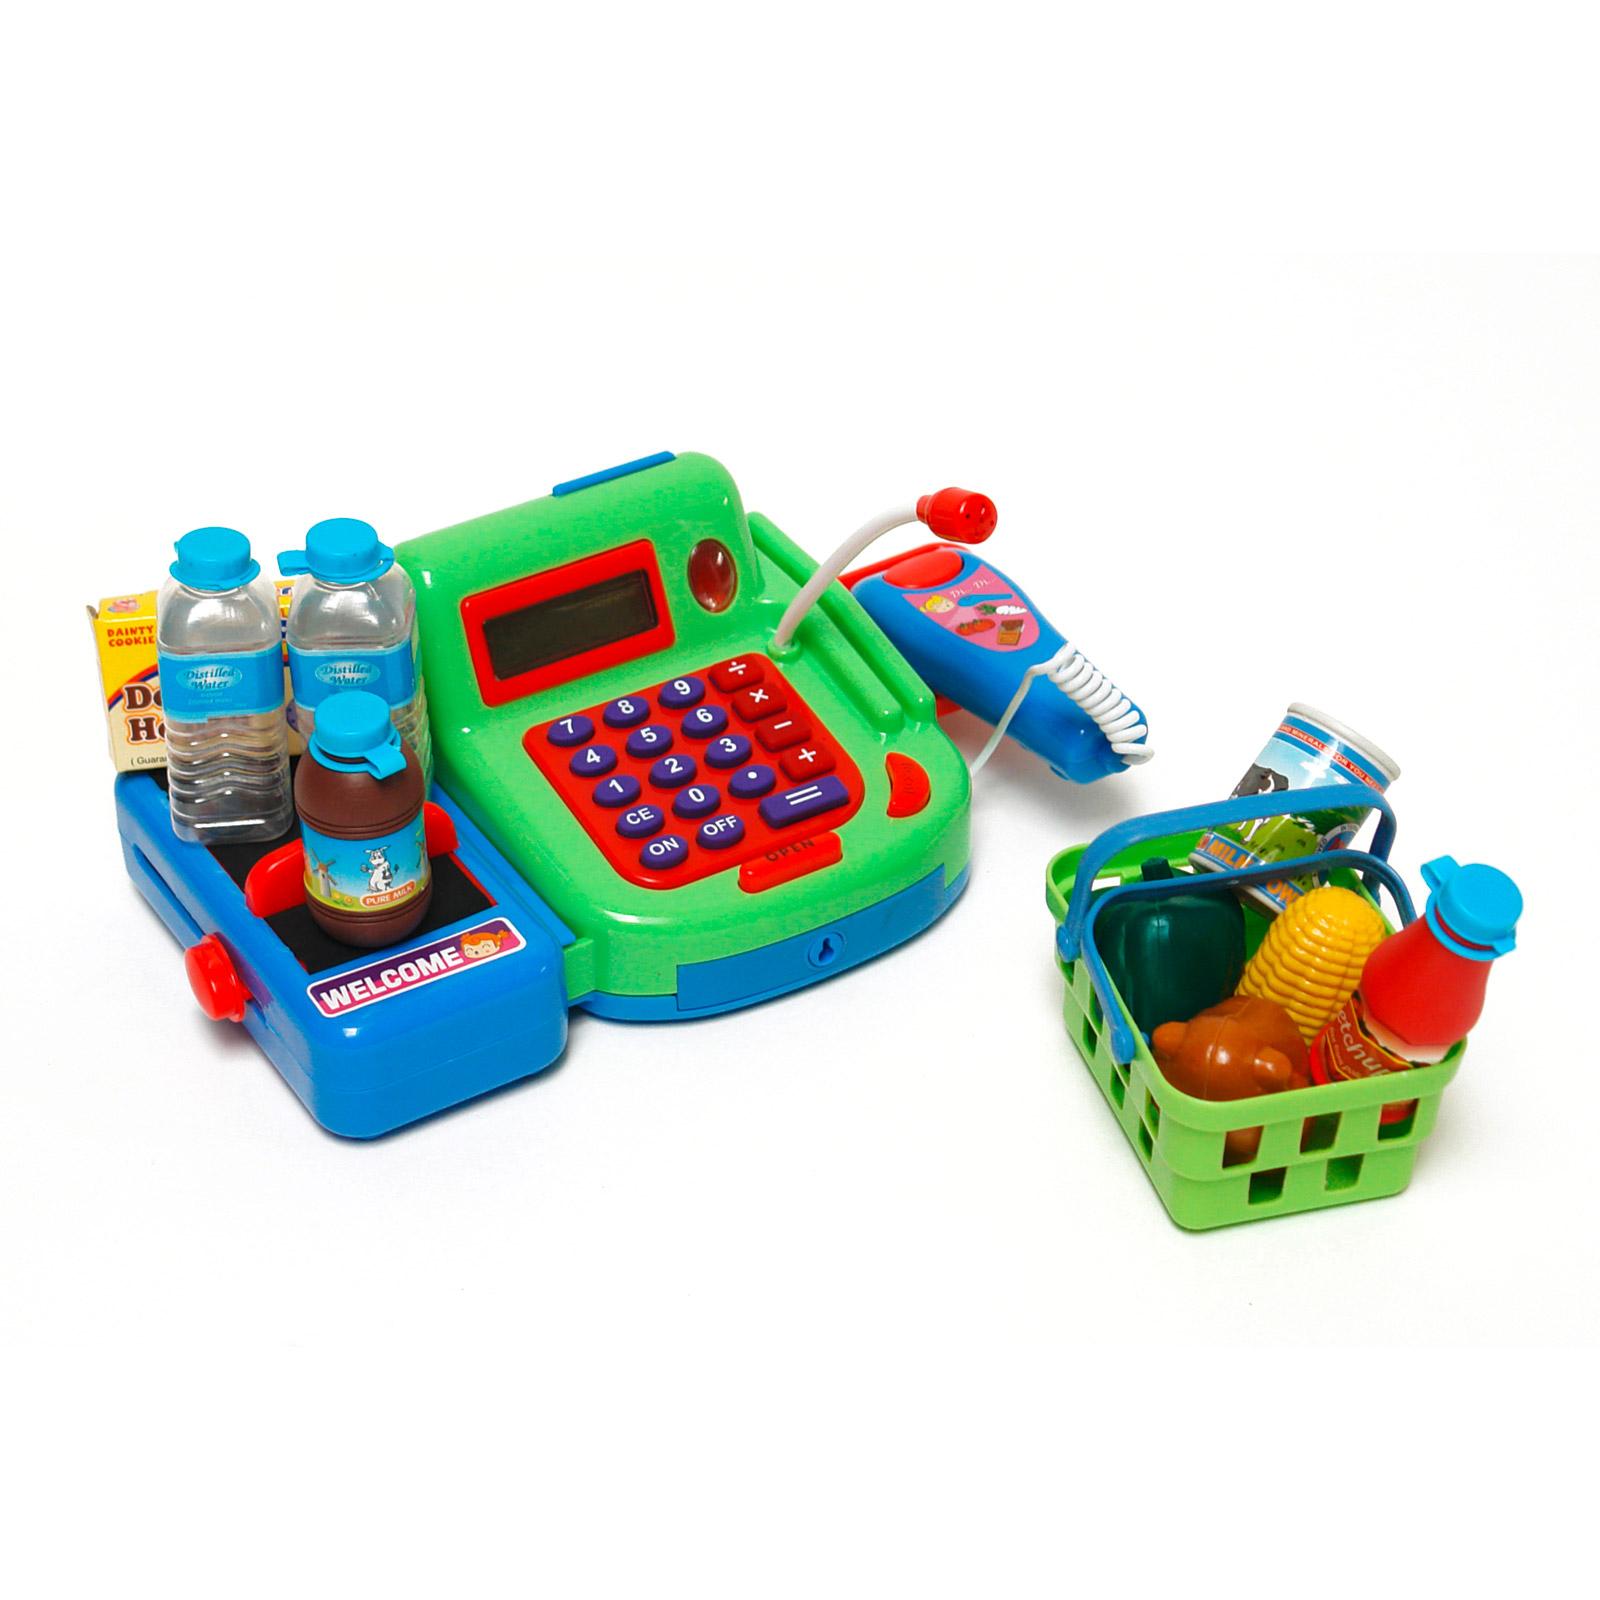 Elektronische-Kinder-Registrierkasse-mit-Zubehoer-Kaufladen-917126